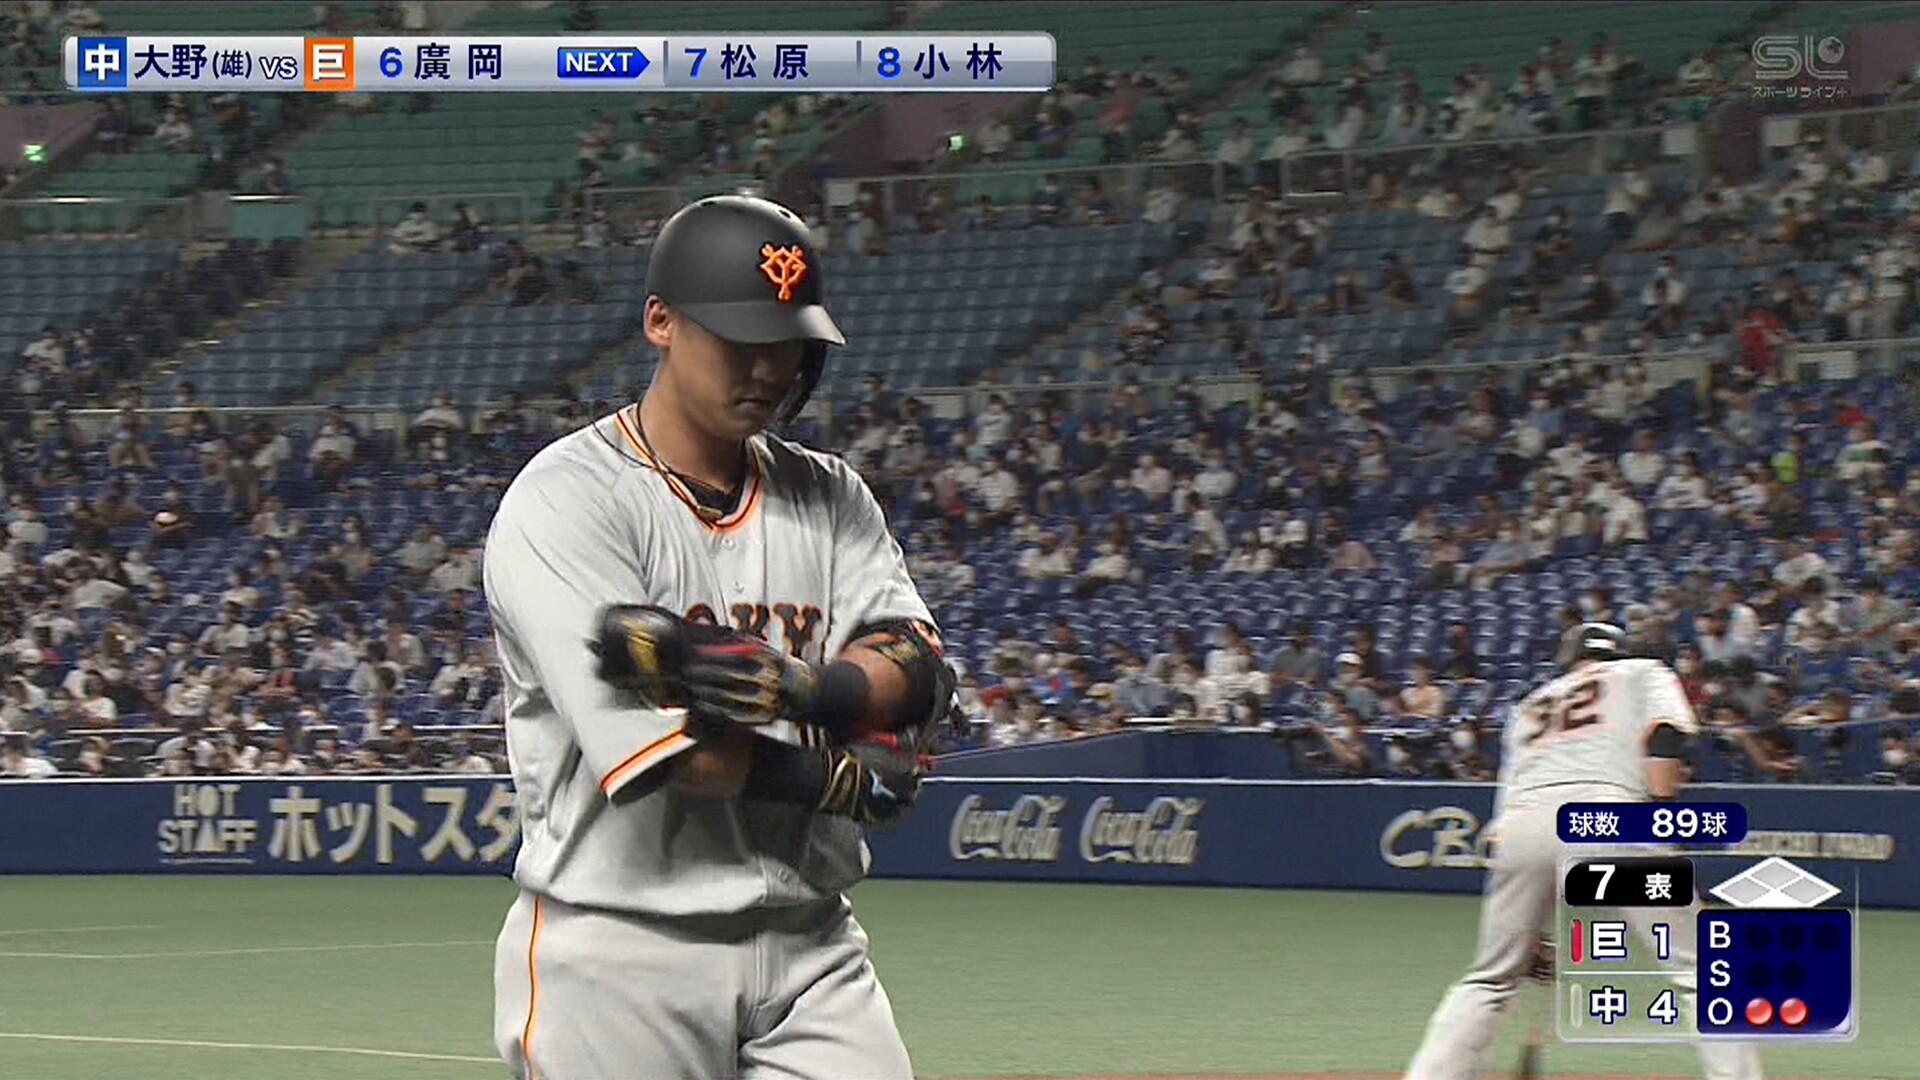 巨人・中田翔、打率.143 完全にお荷物wwwwwww